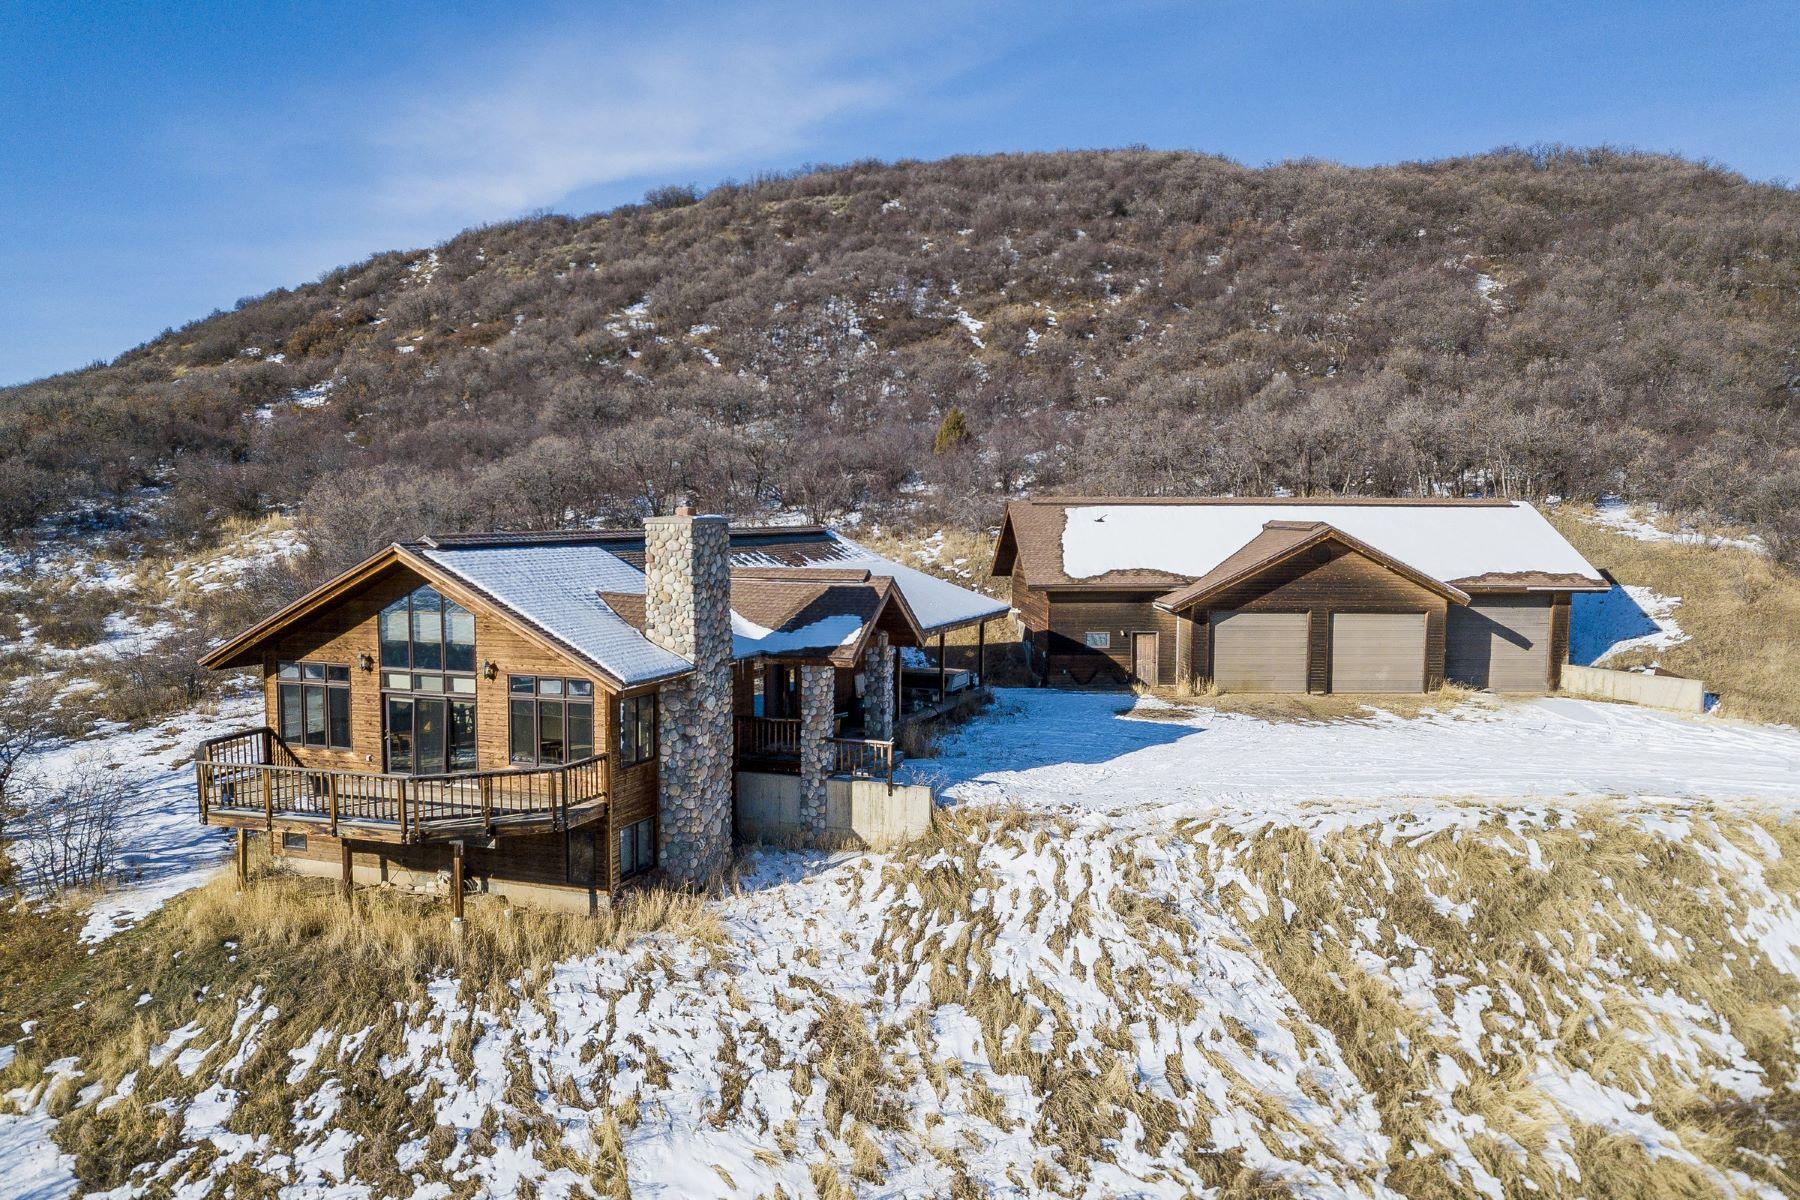 独户住宅 为 销售 在 Elk River Home 42155 Deer Road 斯廷博特斯普林斯, 科罗拉多州 80487 美国